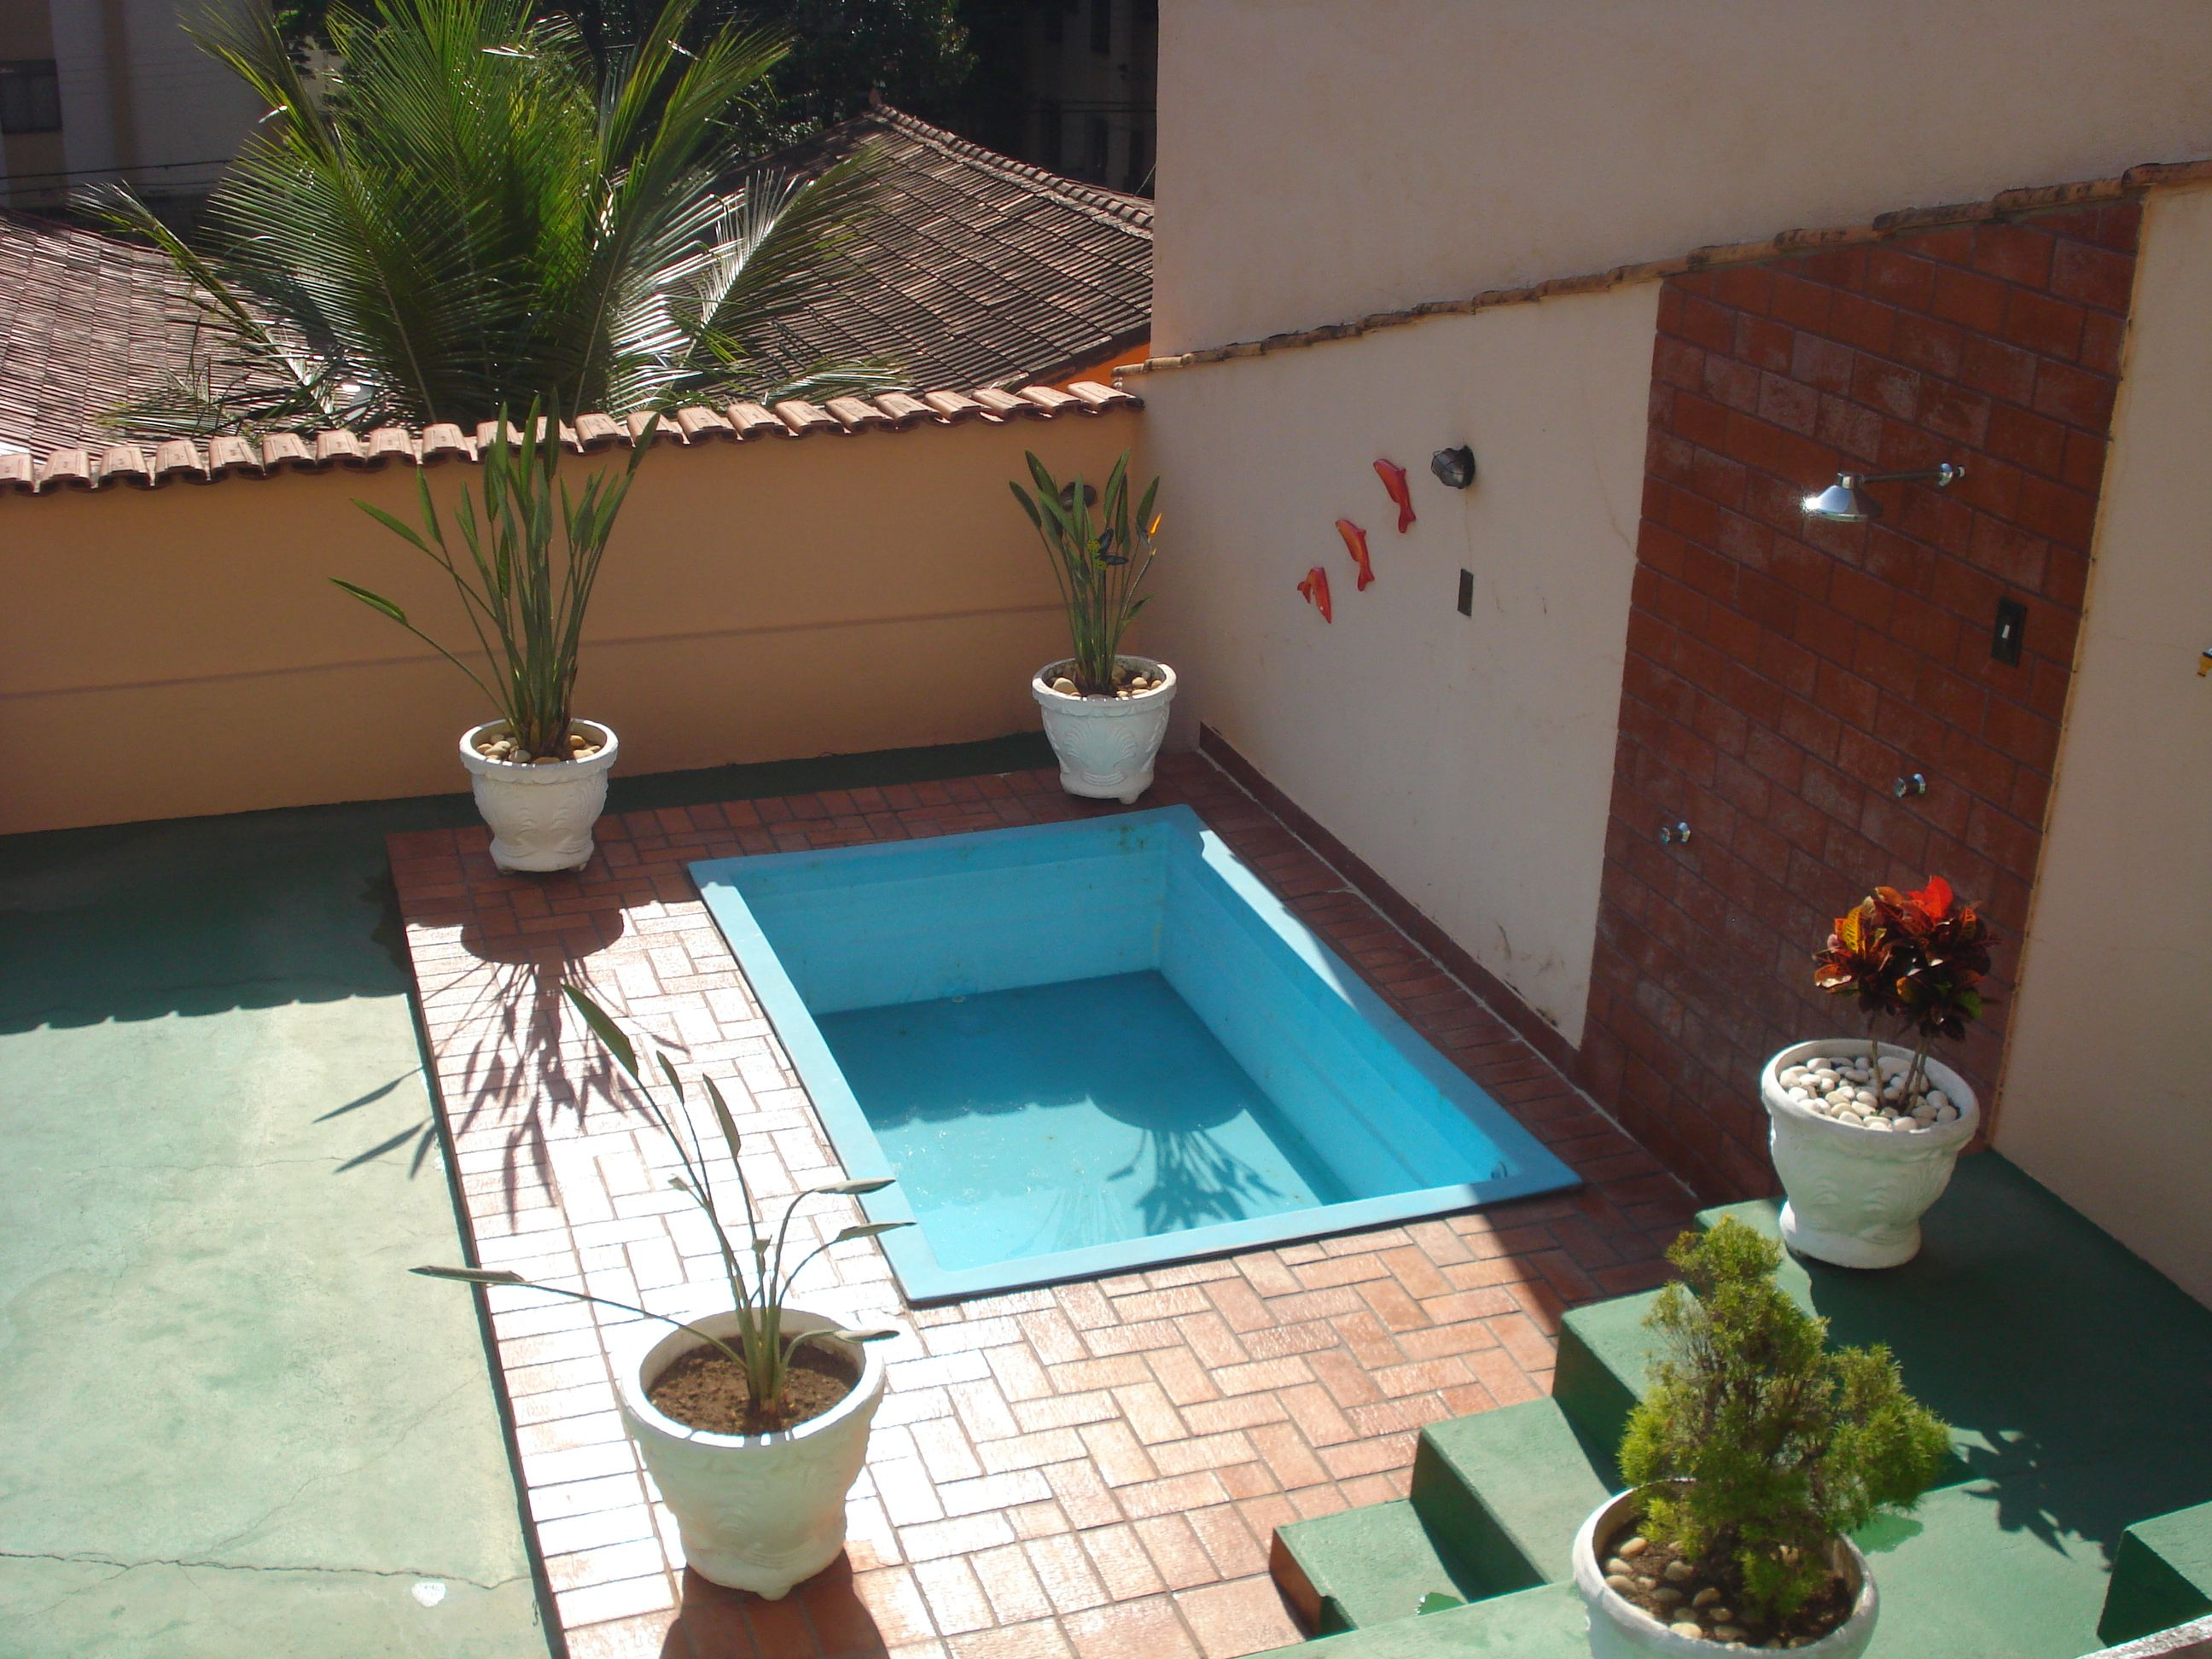 Casa com piscina pequena pesquisa google favorite for Piscinas pequenas